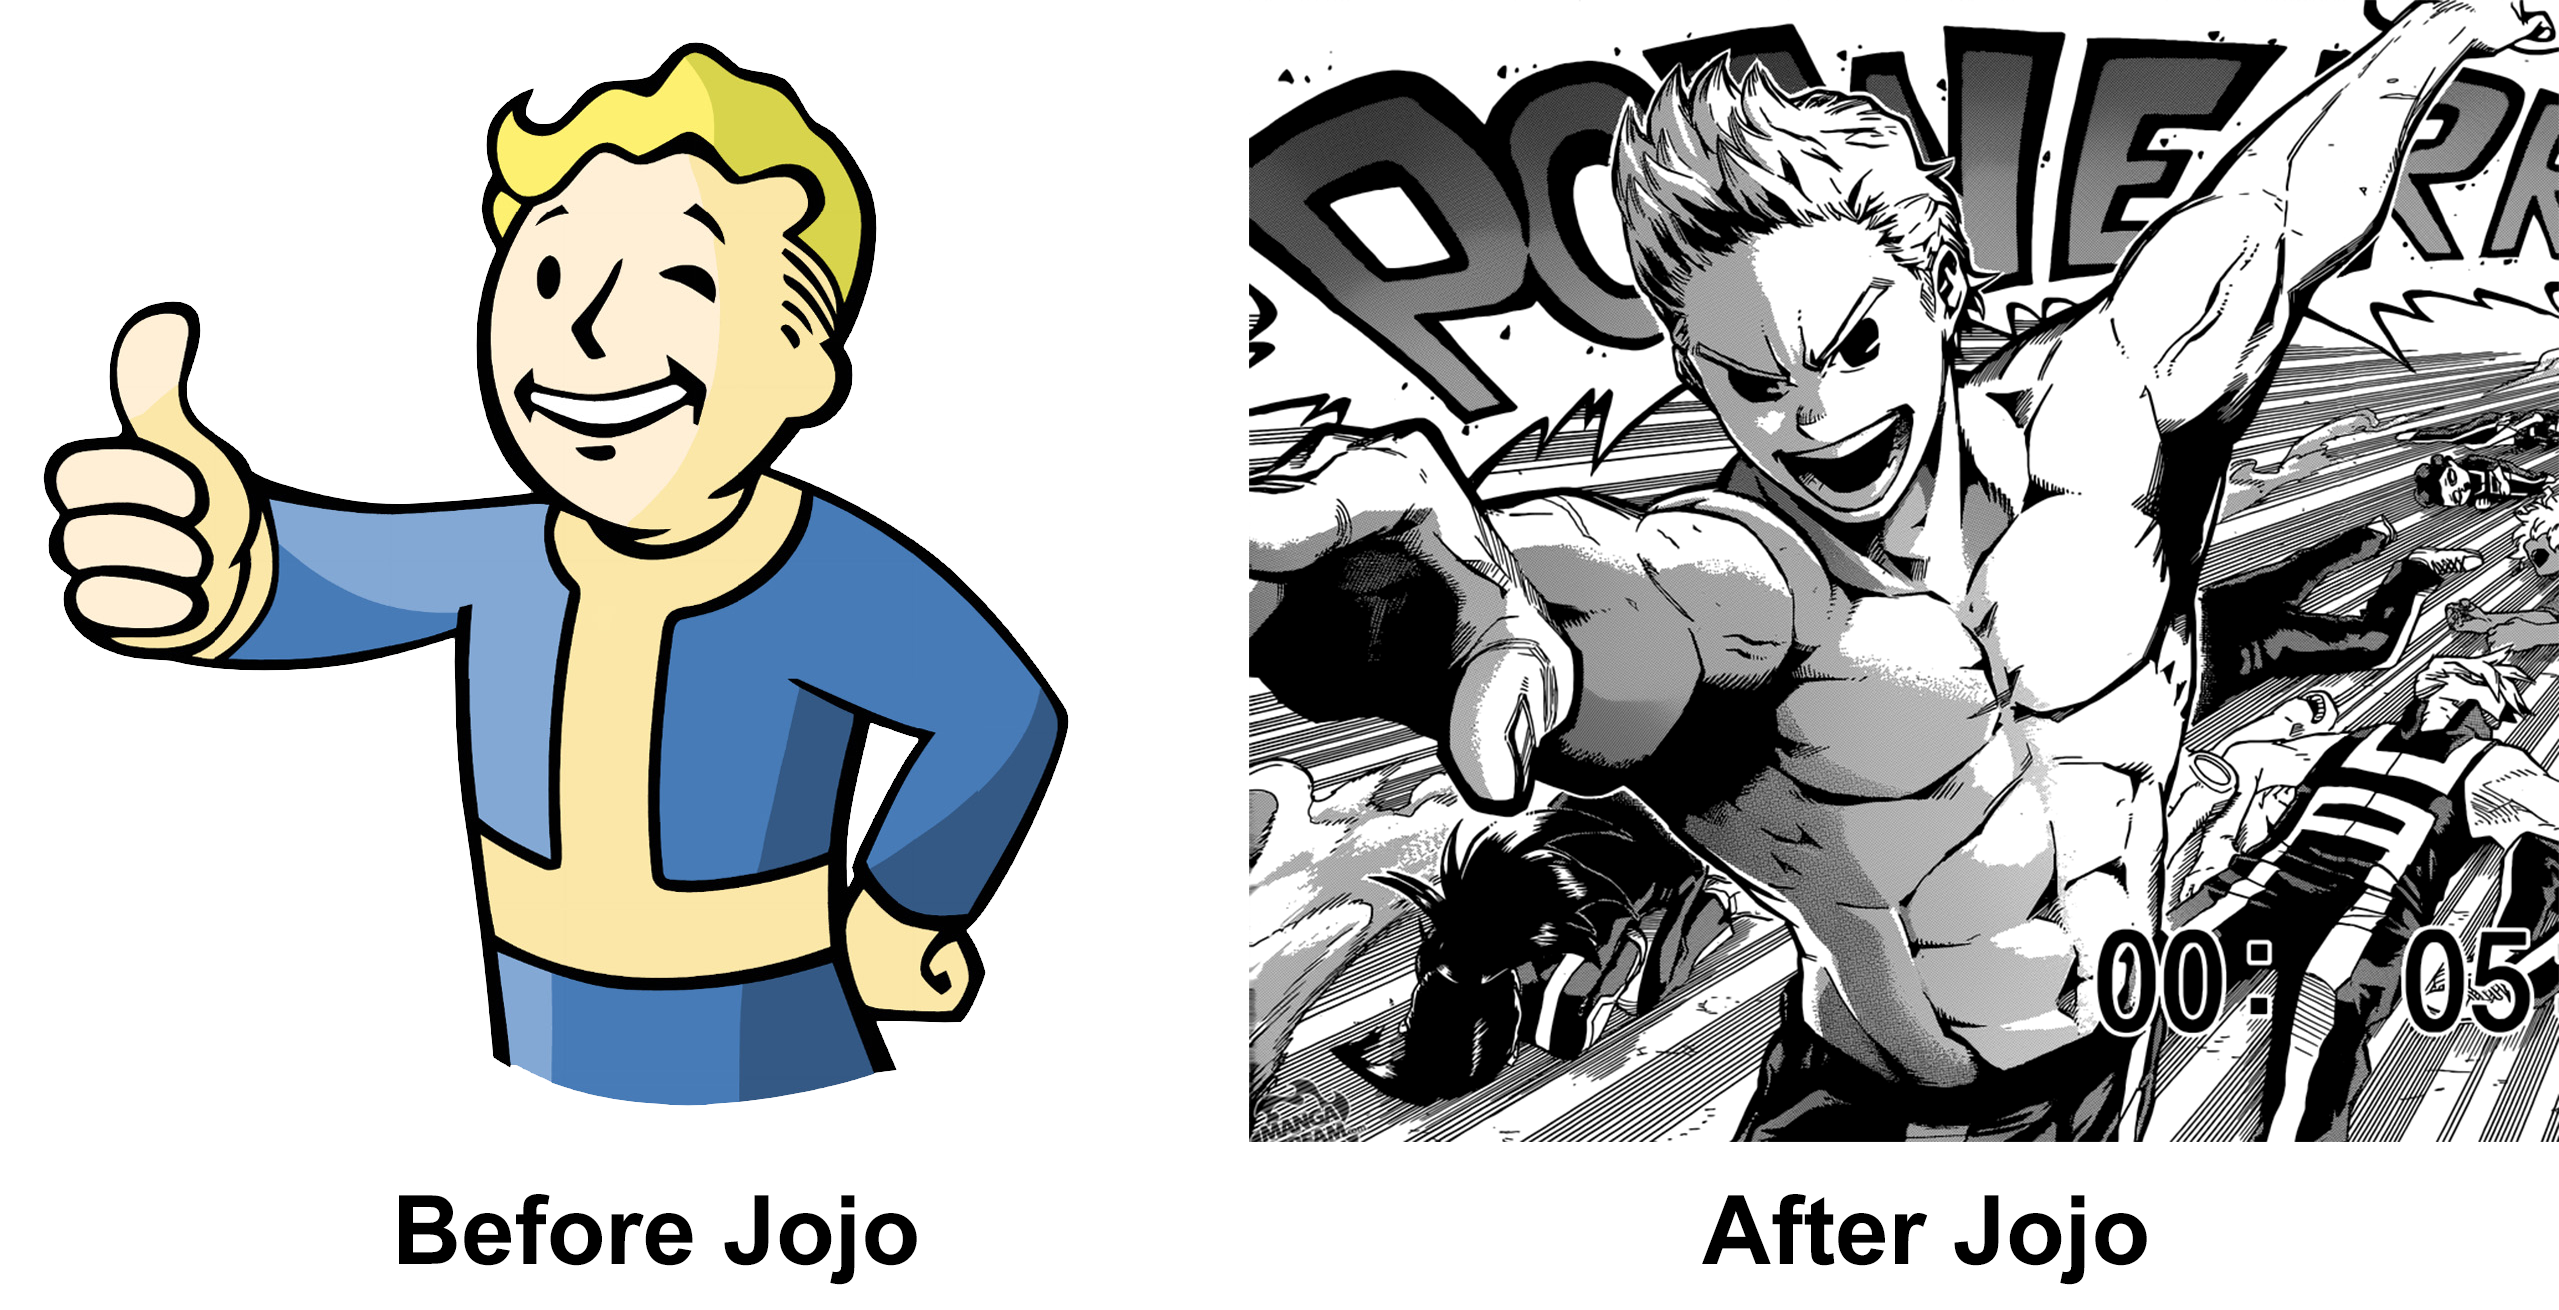 Vault Boy Before and After JoJo's Bizarre Adventure | JoJos